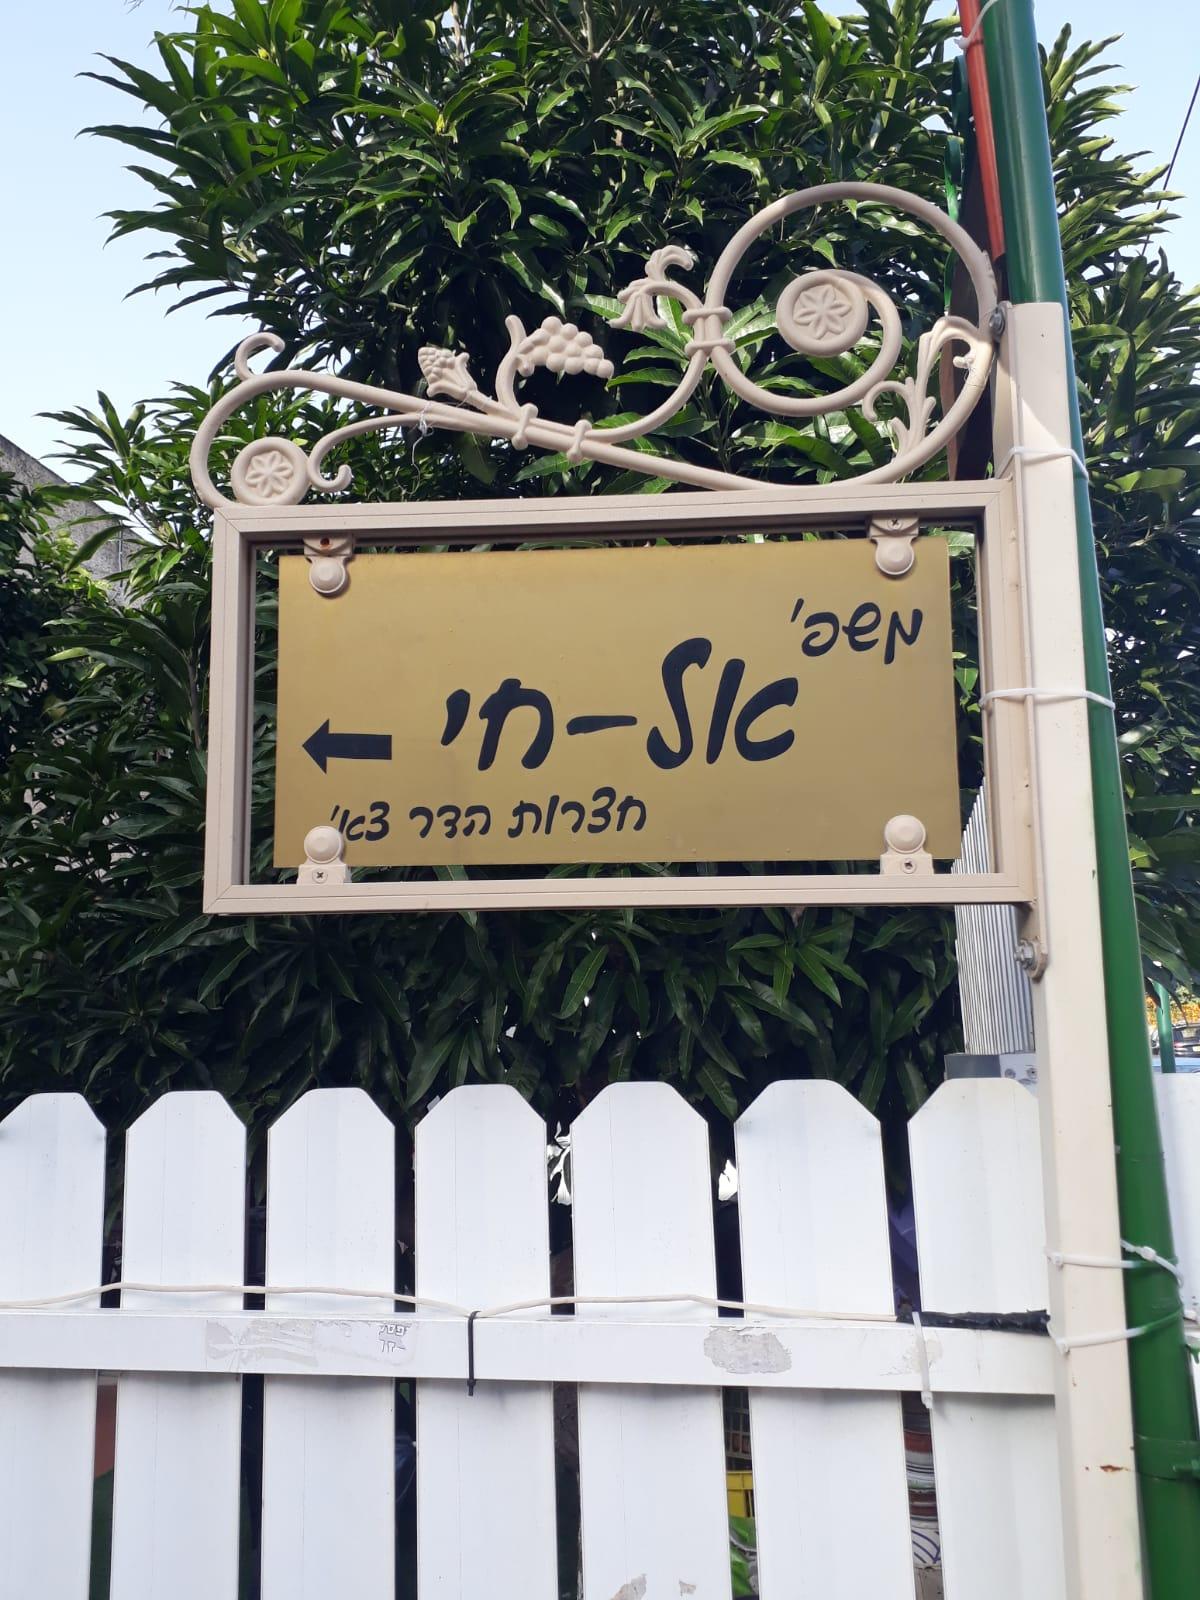 שלט כניסה עם שם משפחה